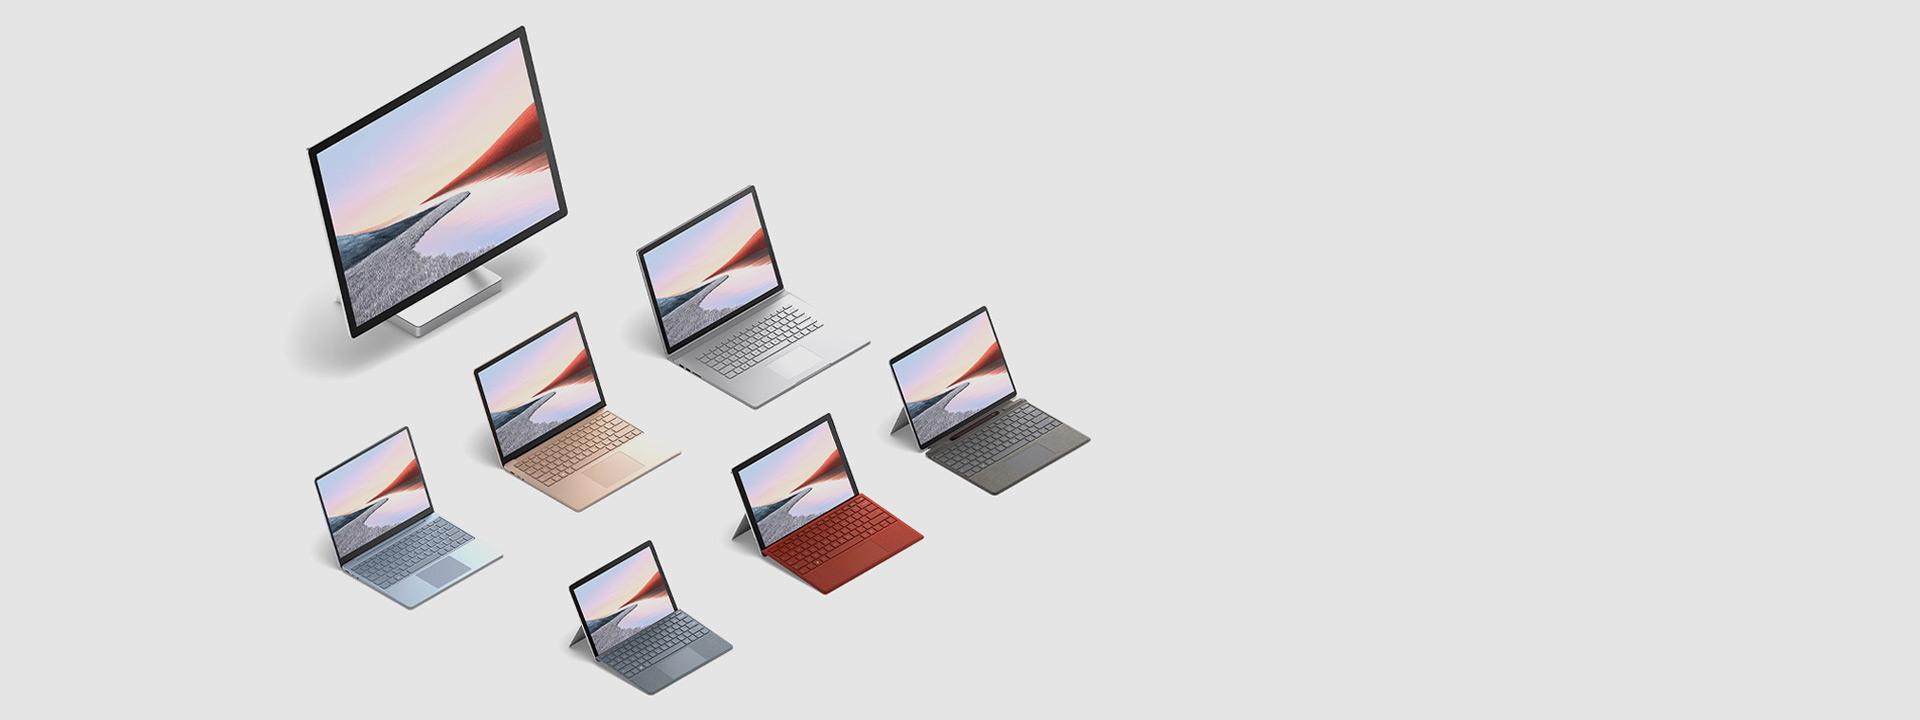 Die neue Surface-Familie